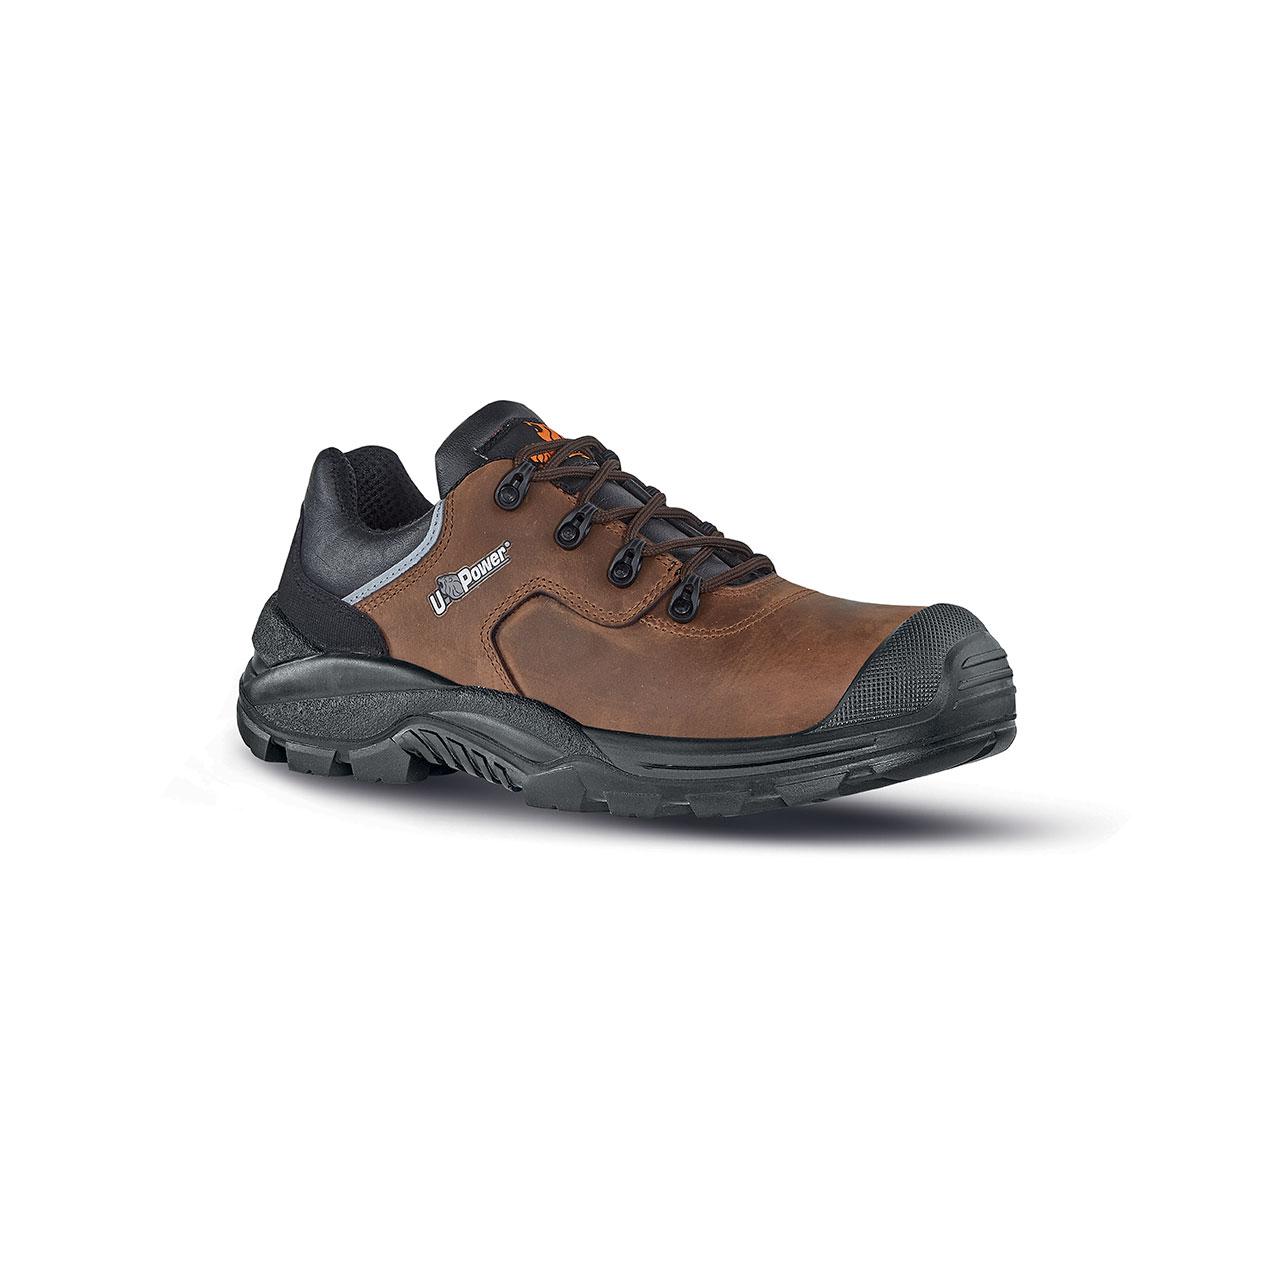 scarpa antinfortunistica upower modello quebec linea rock_roll vista laterale